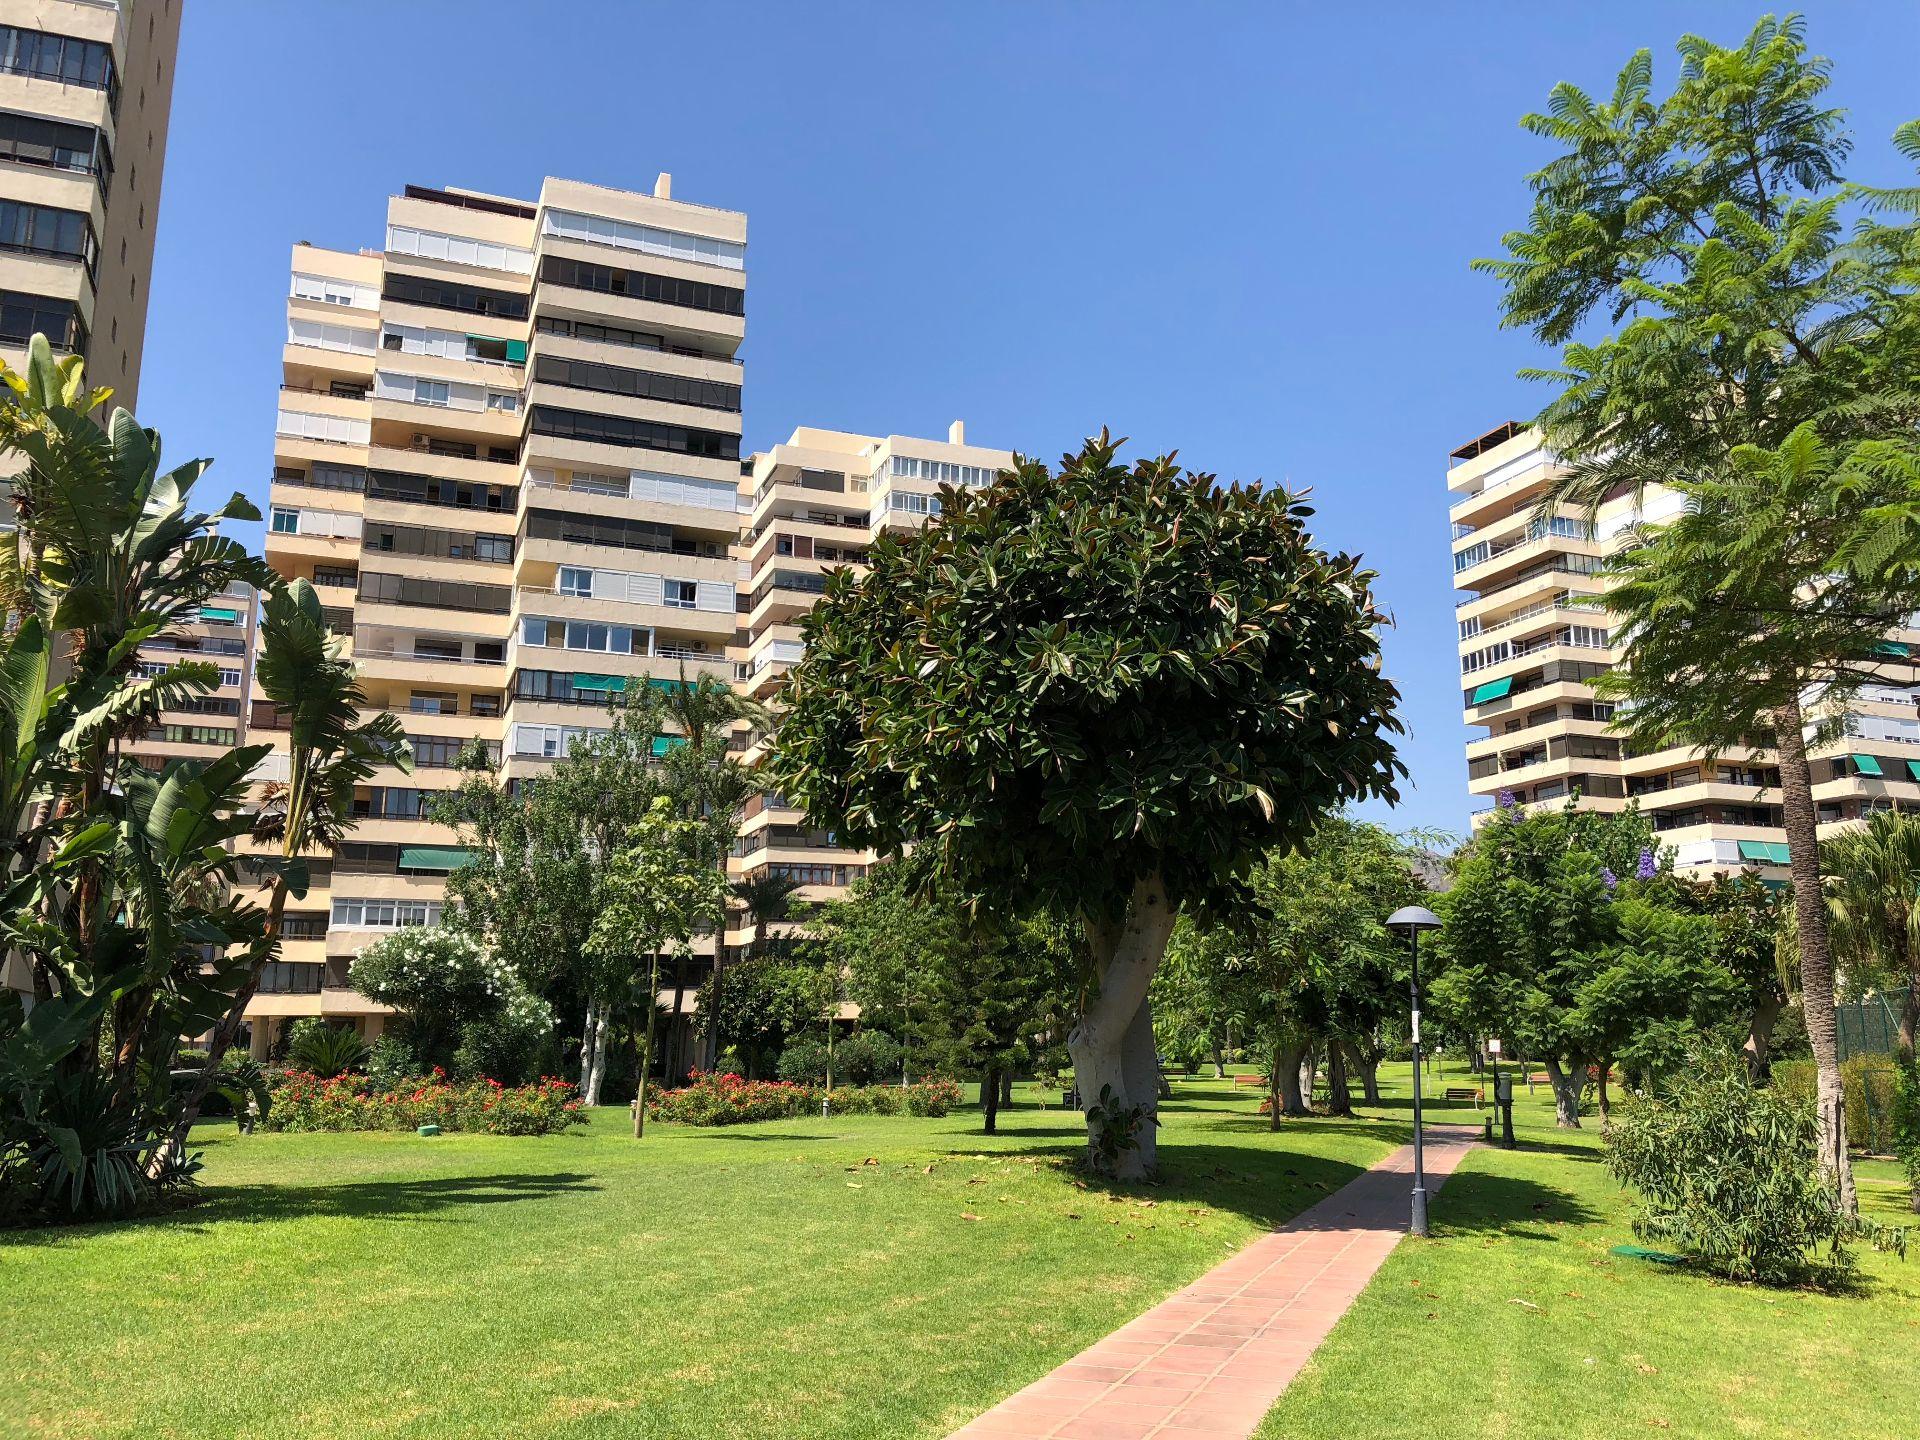 Apartment in Torremolinos, Playamar, ferienmiete